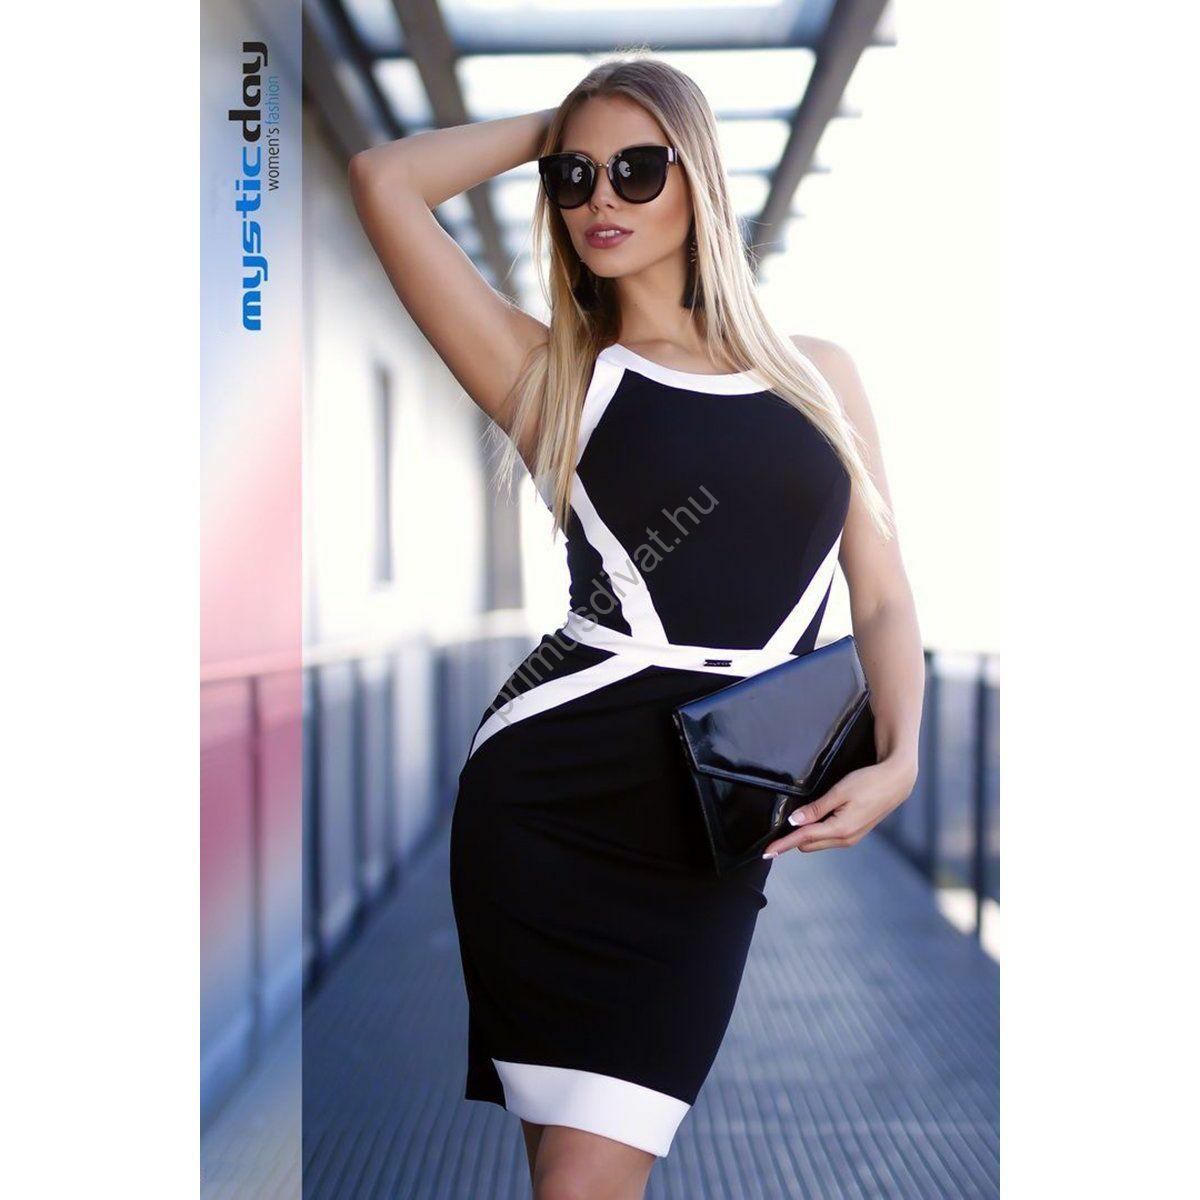 Kép 1 2 - Mystic Day karcsúsító hatású fehér betétes fekete ujjatlan  alkalmi ruha 7f554d9cb9